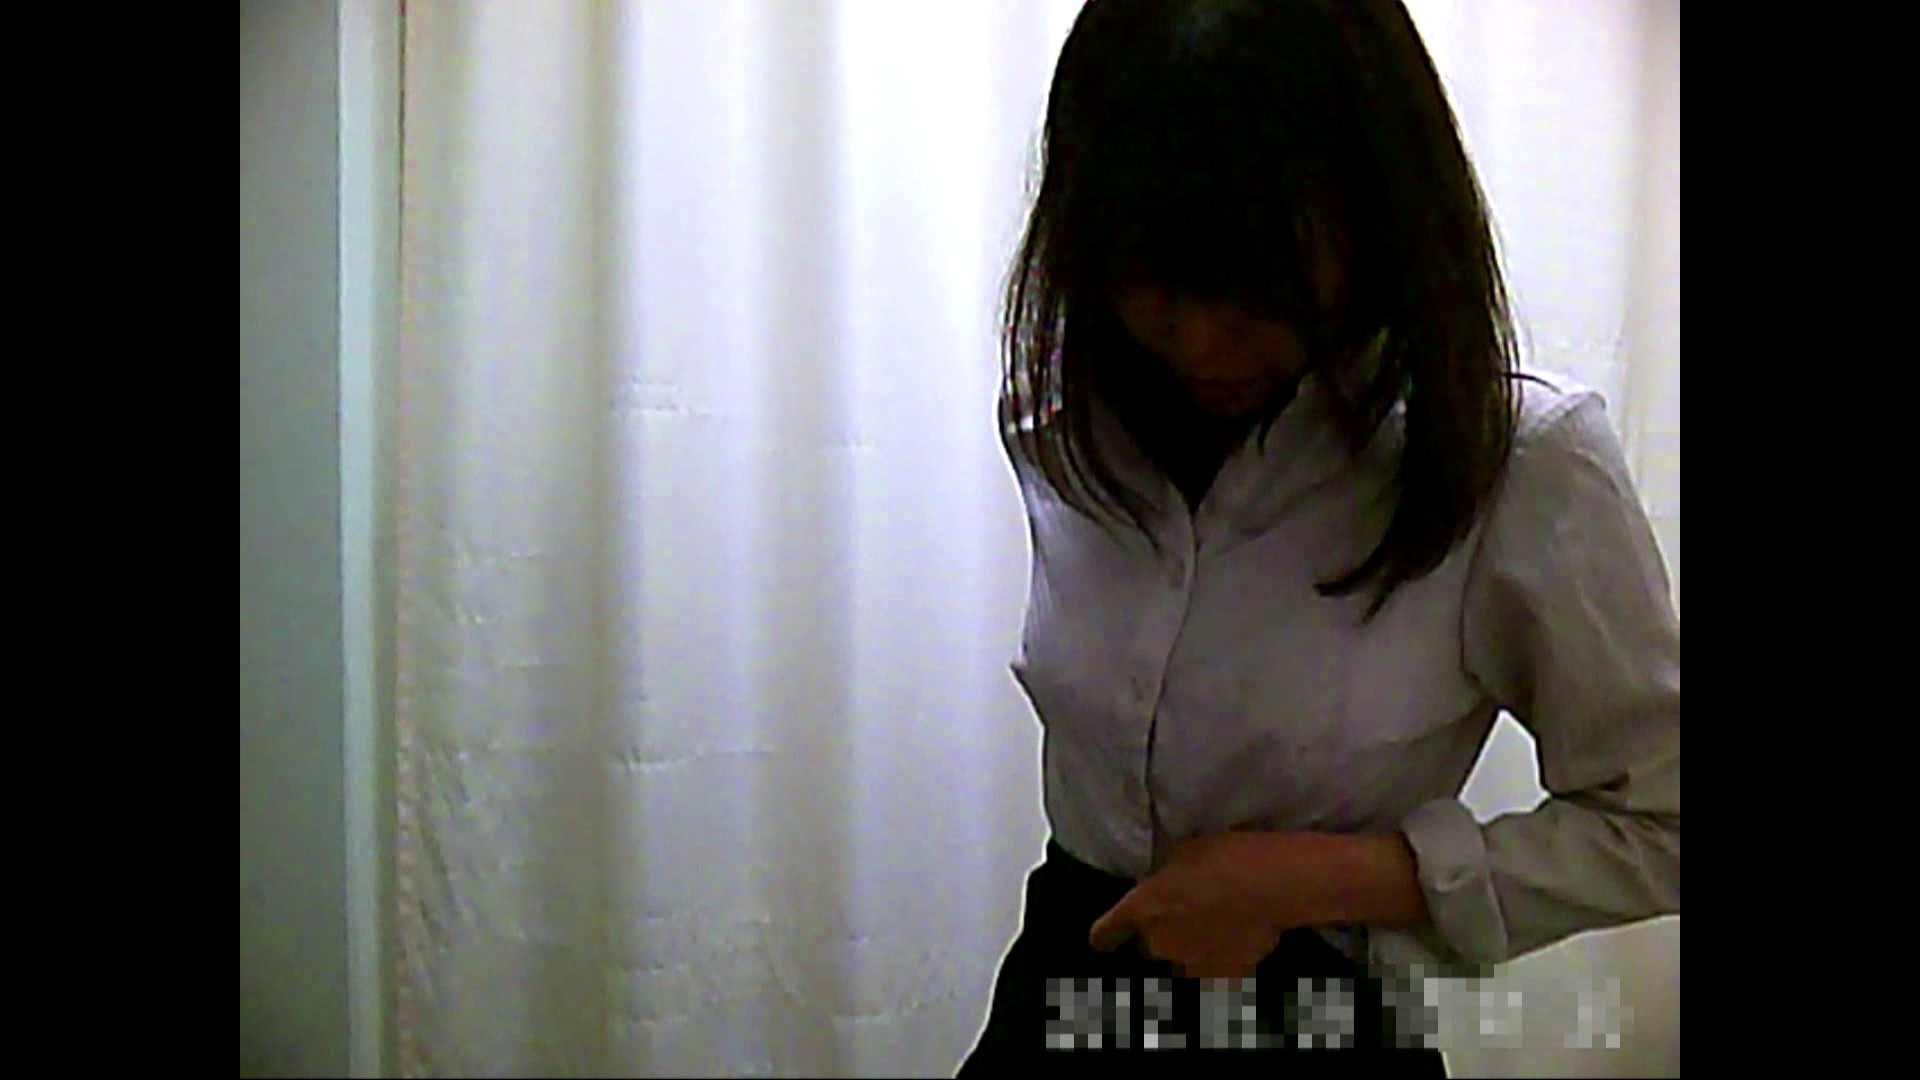 元医者による反抗 更衣室地獄絵巻 vol.267 OLハメ撮り  81Pix 30